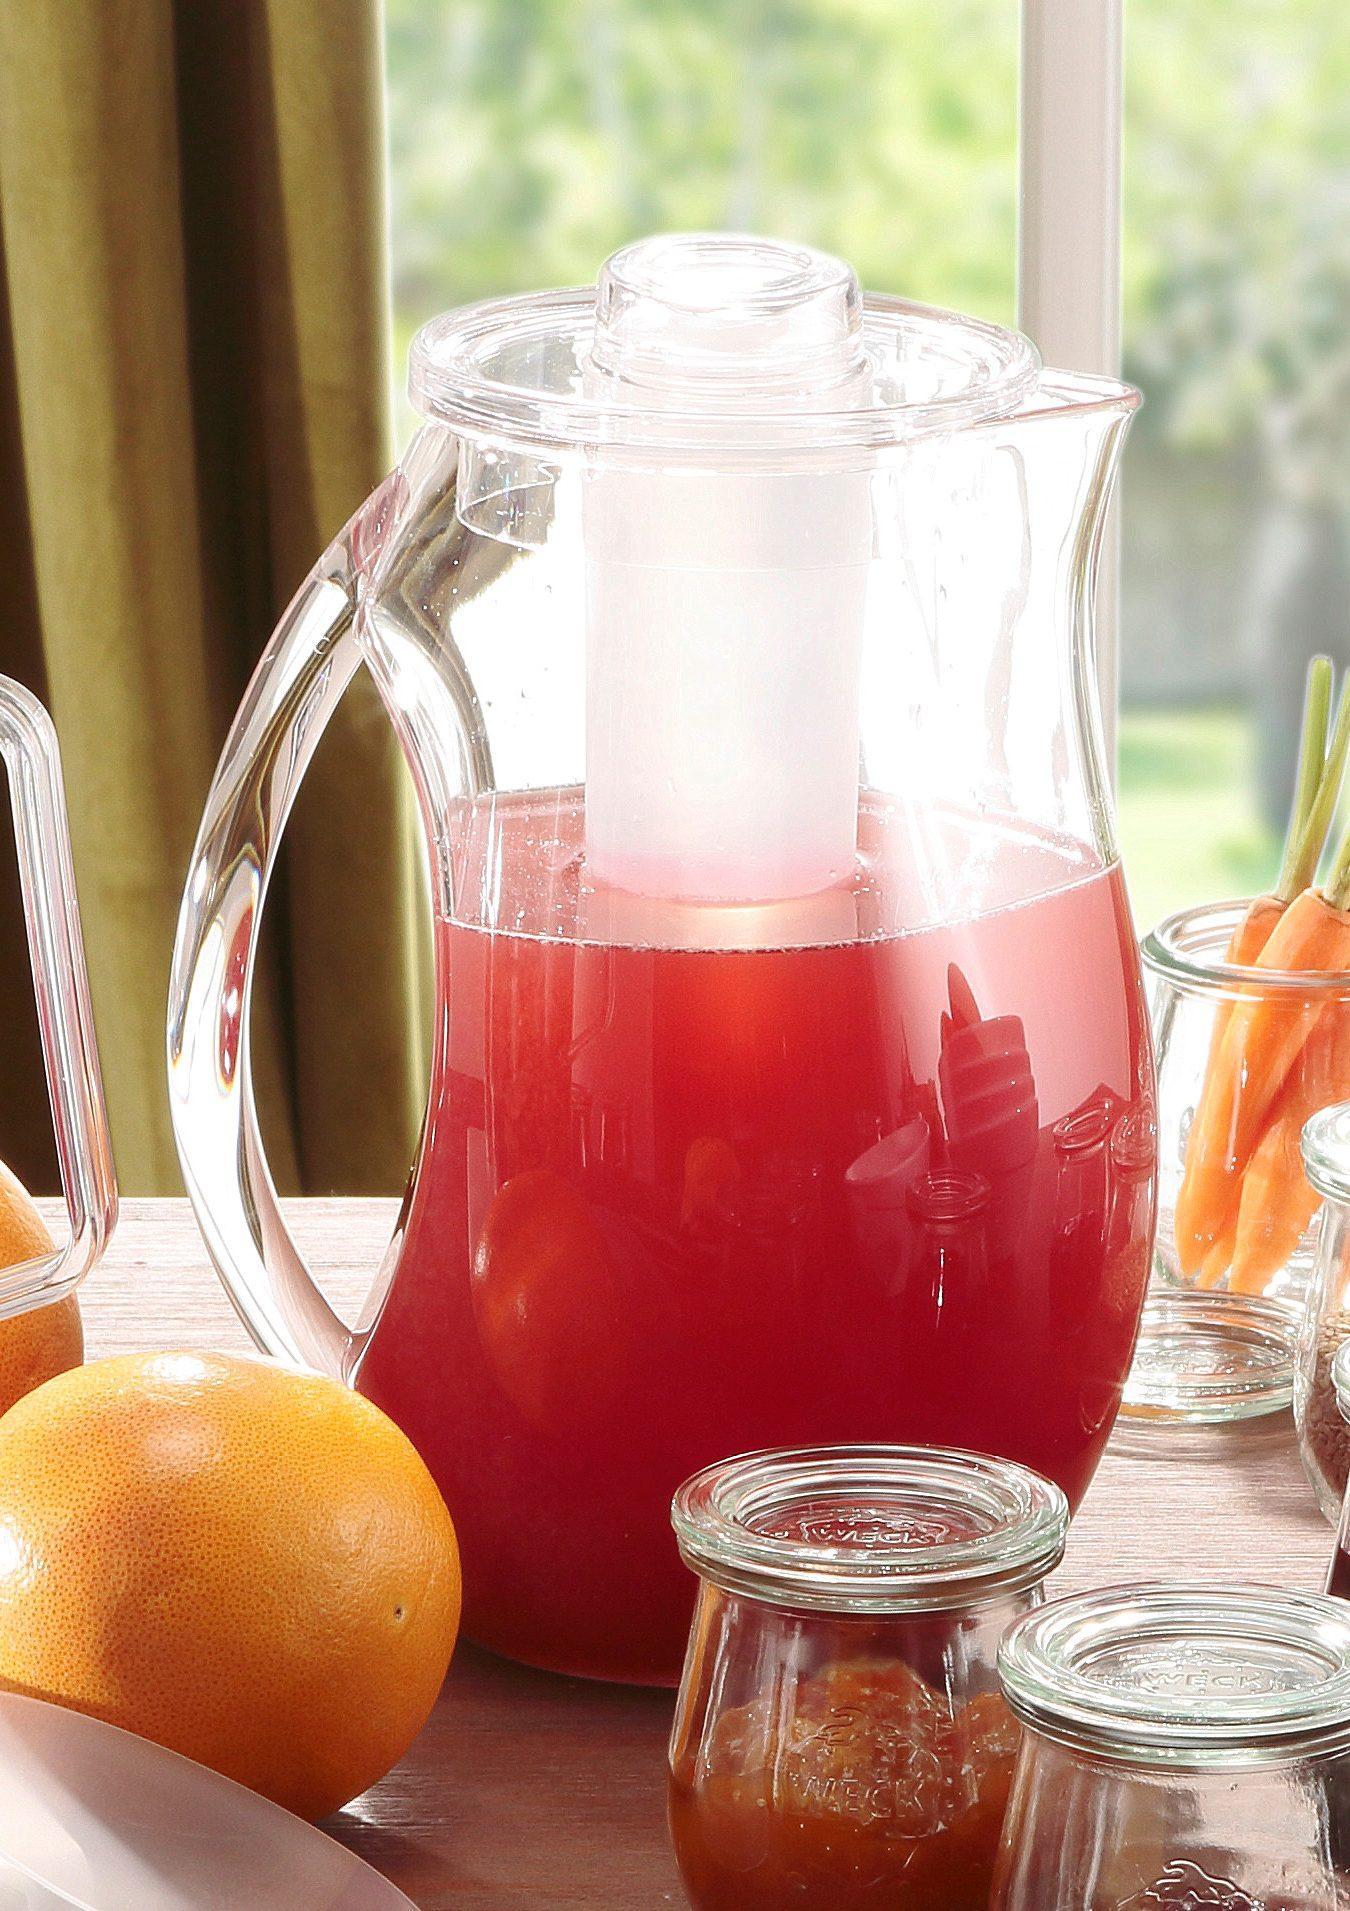 APS Wasserkaraffe, mit Eiswasser-Röhre farblos Karaffen Gläser Glaswaren Haushaltswaren Wasserkaraffe